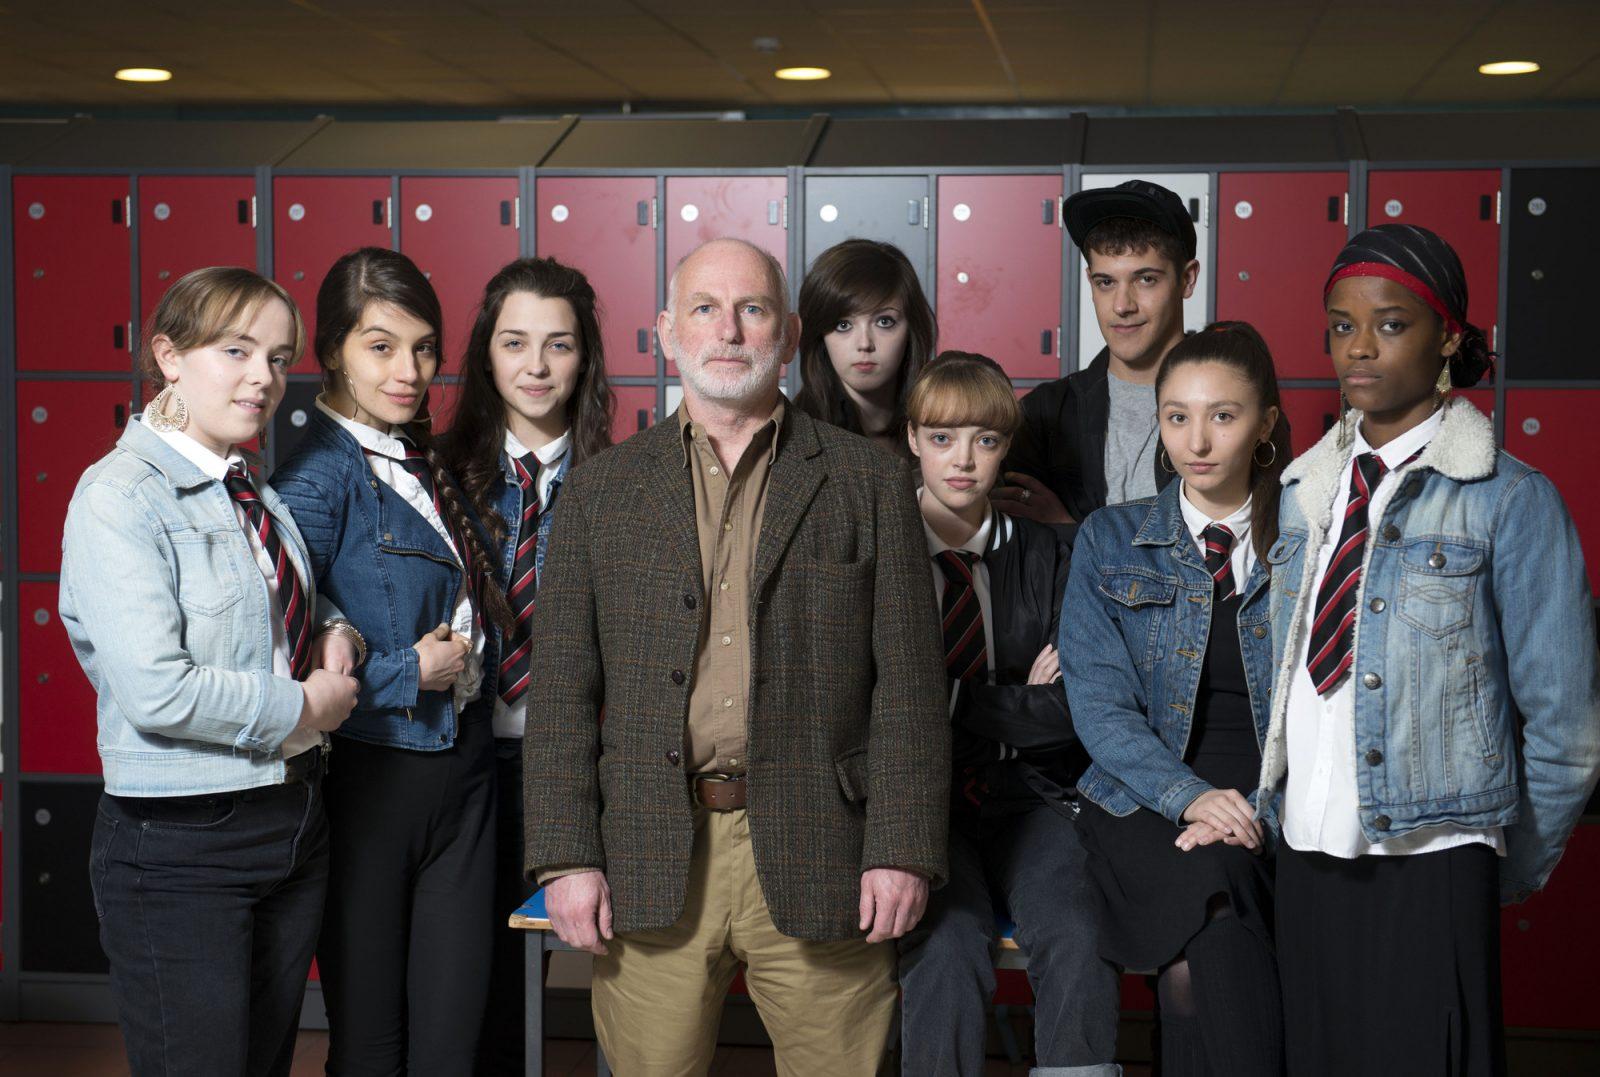 Glasgow Girls press photo